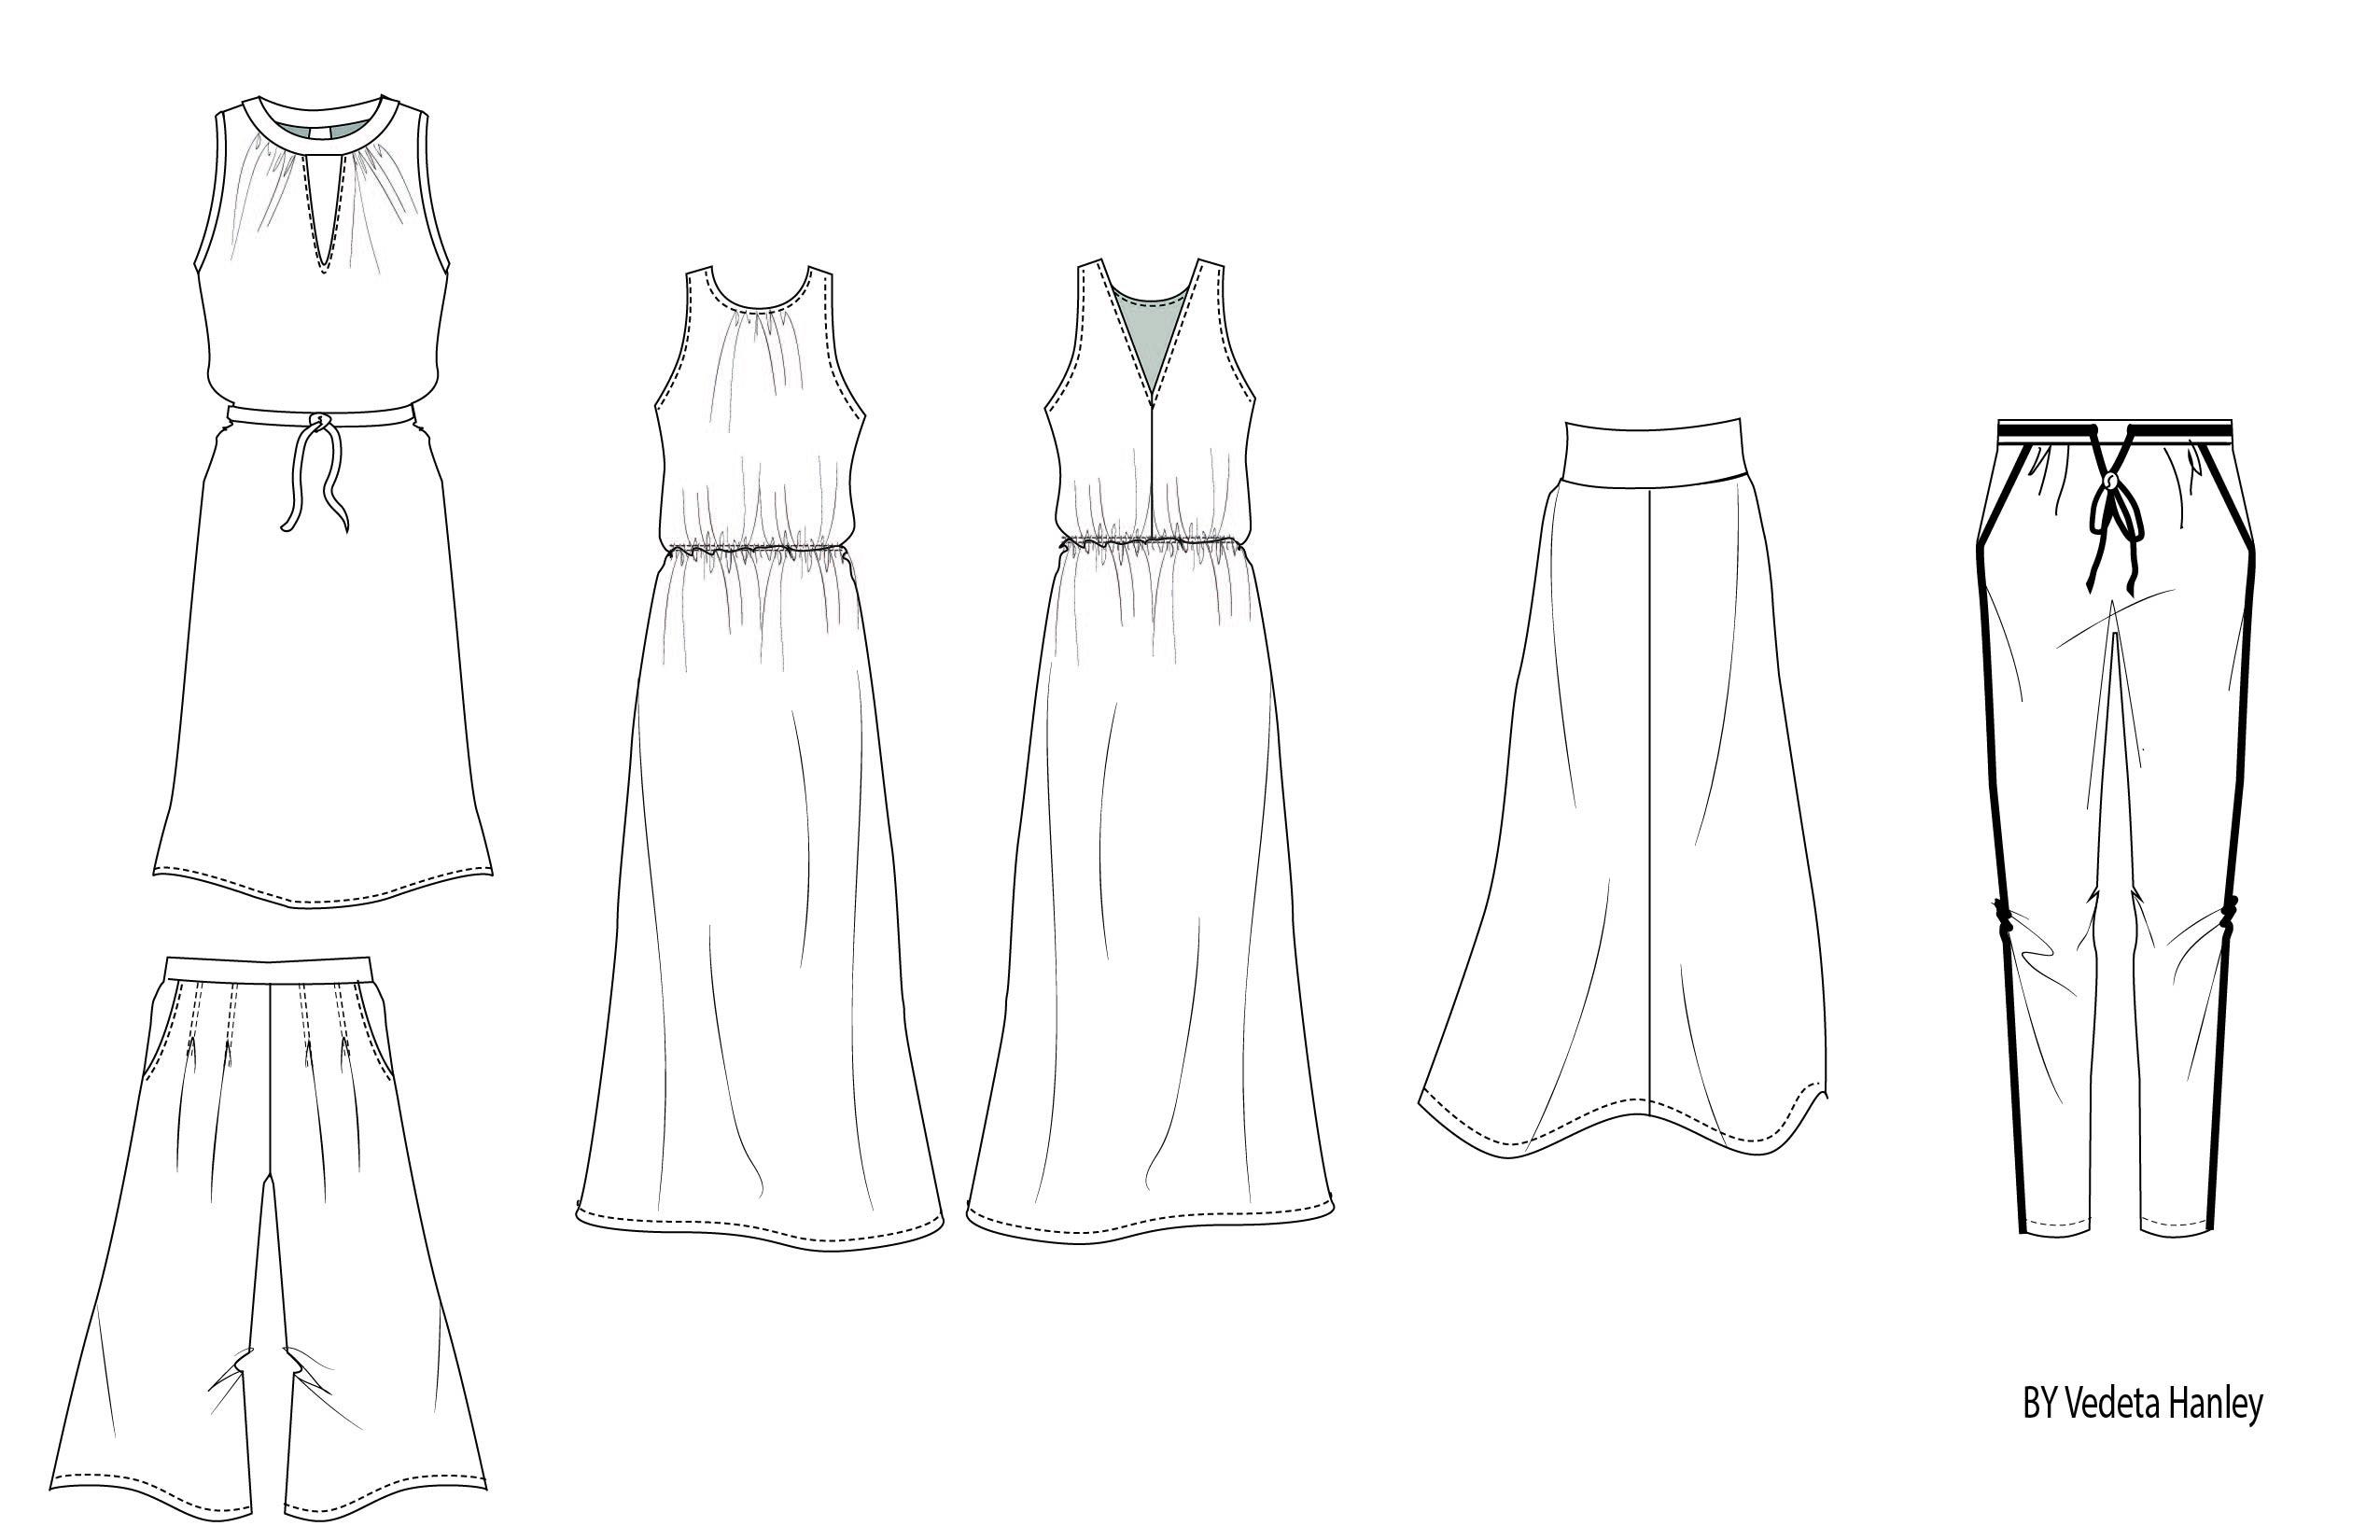 DRESSES cads by Vedeta Hanley-01.jpg